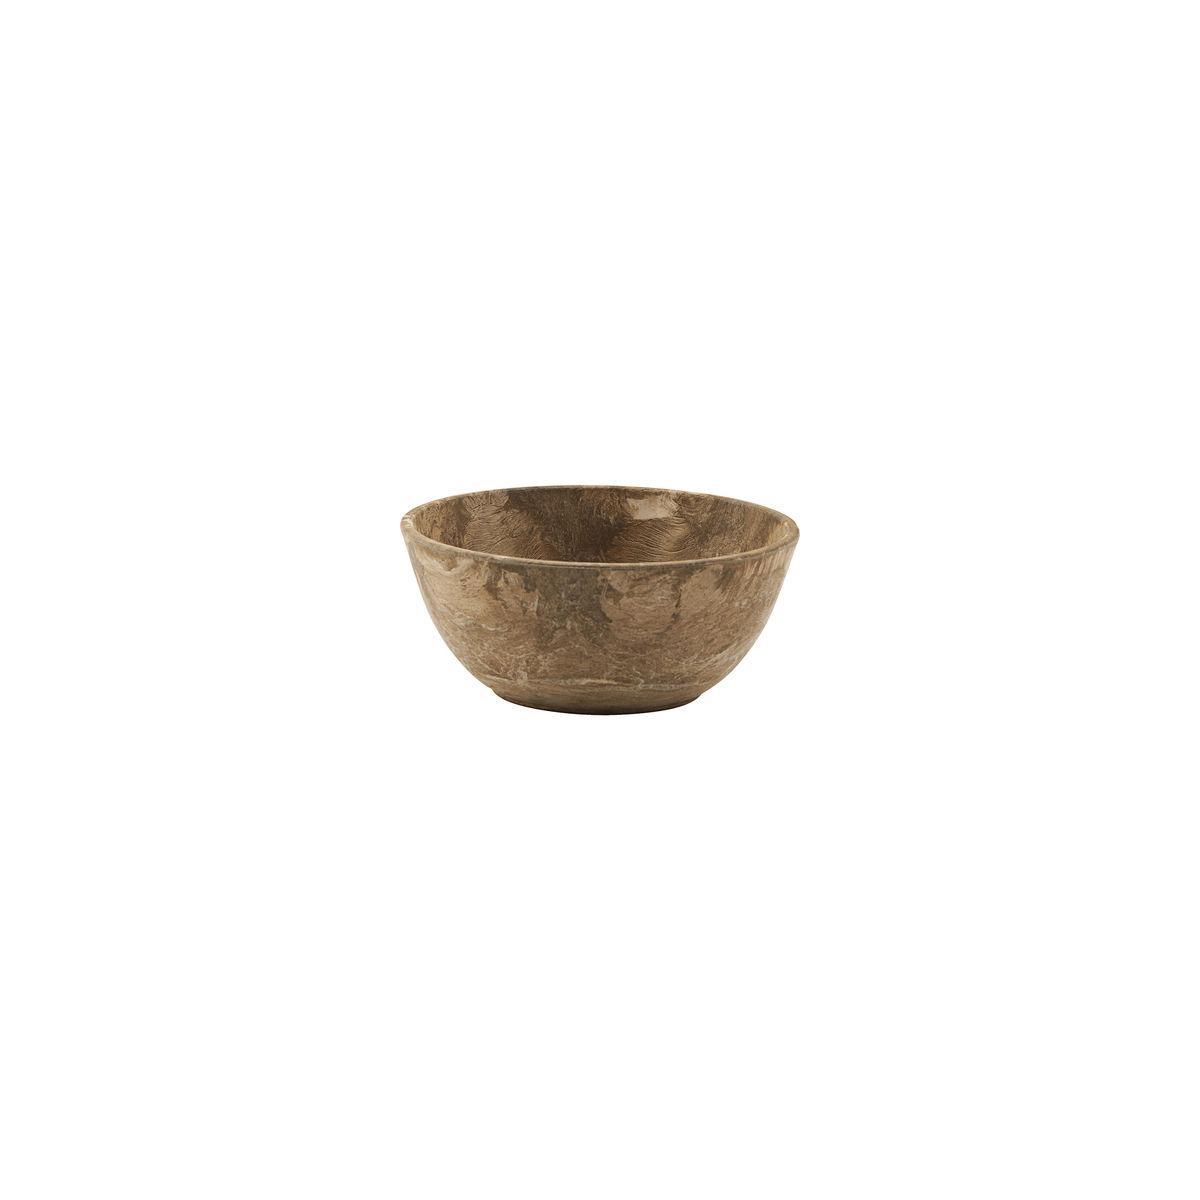 plastic brown serving bowl